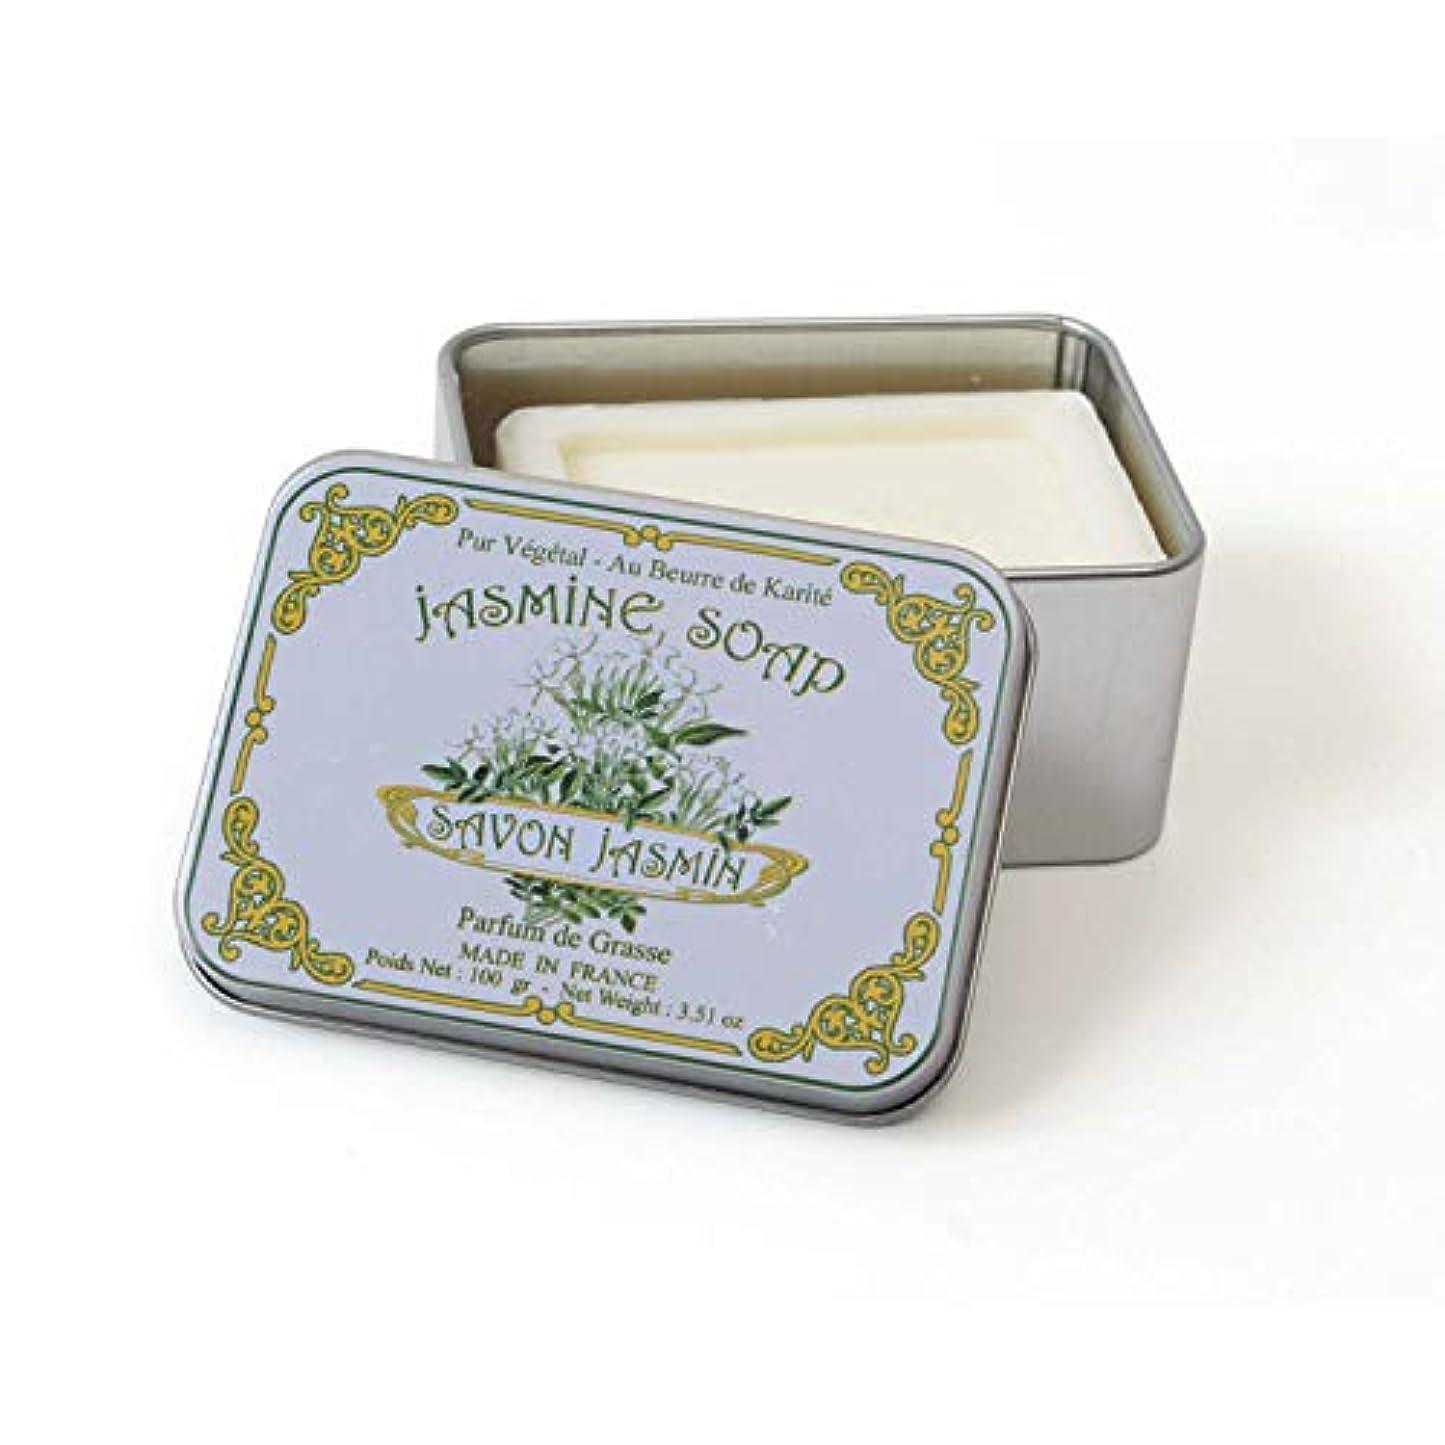 蓮電子レンジきゅうりLe Blanc ルブランソープ ジャ スミンの香り